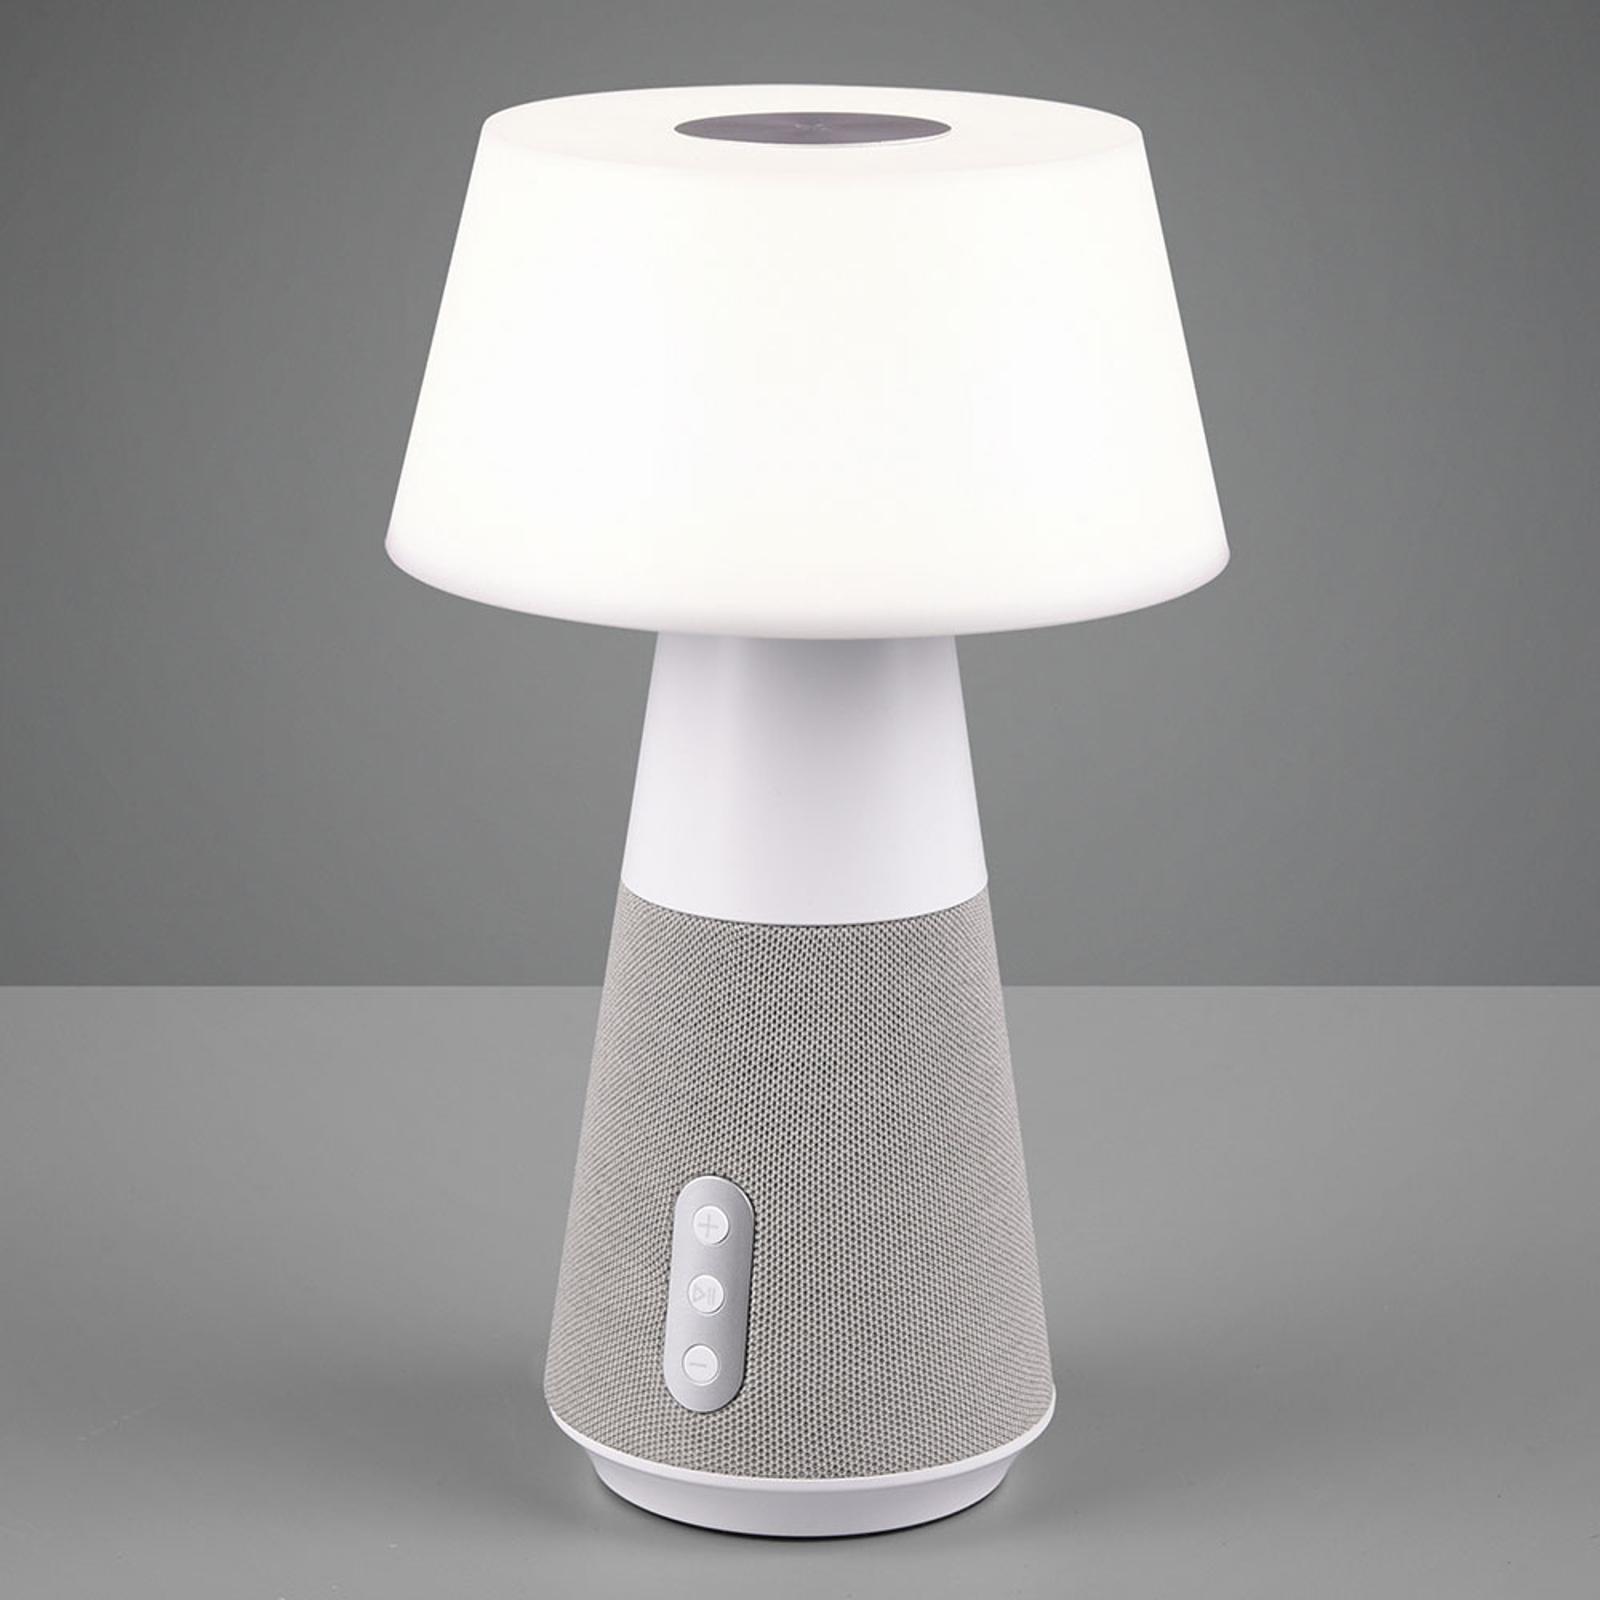 LED-pöytävalaisin DJ kaiuttimella valkoinen/harmaa